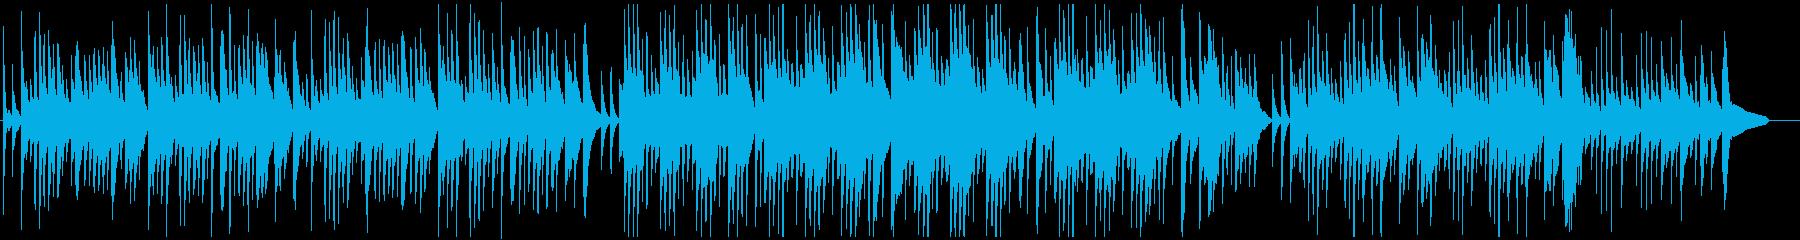 物悲しいバラード調のピアノソロの再生済みの波形